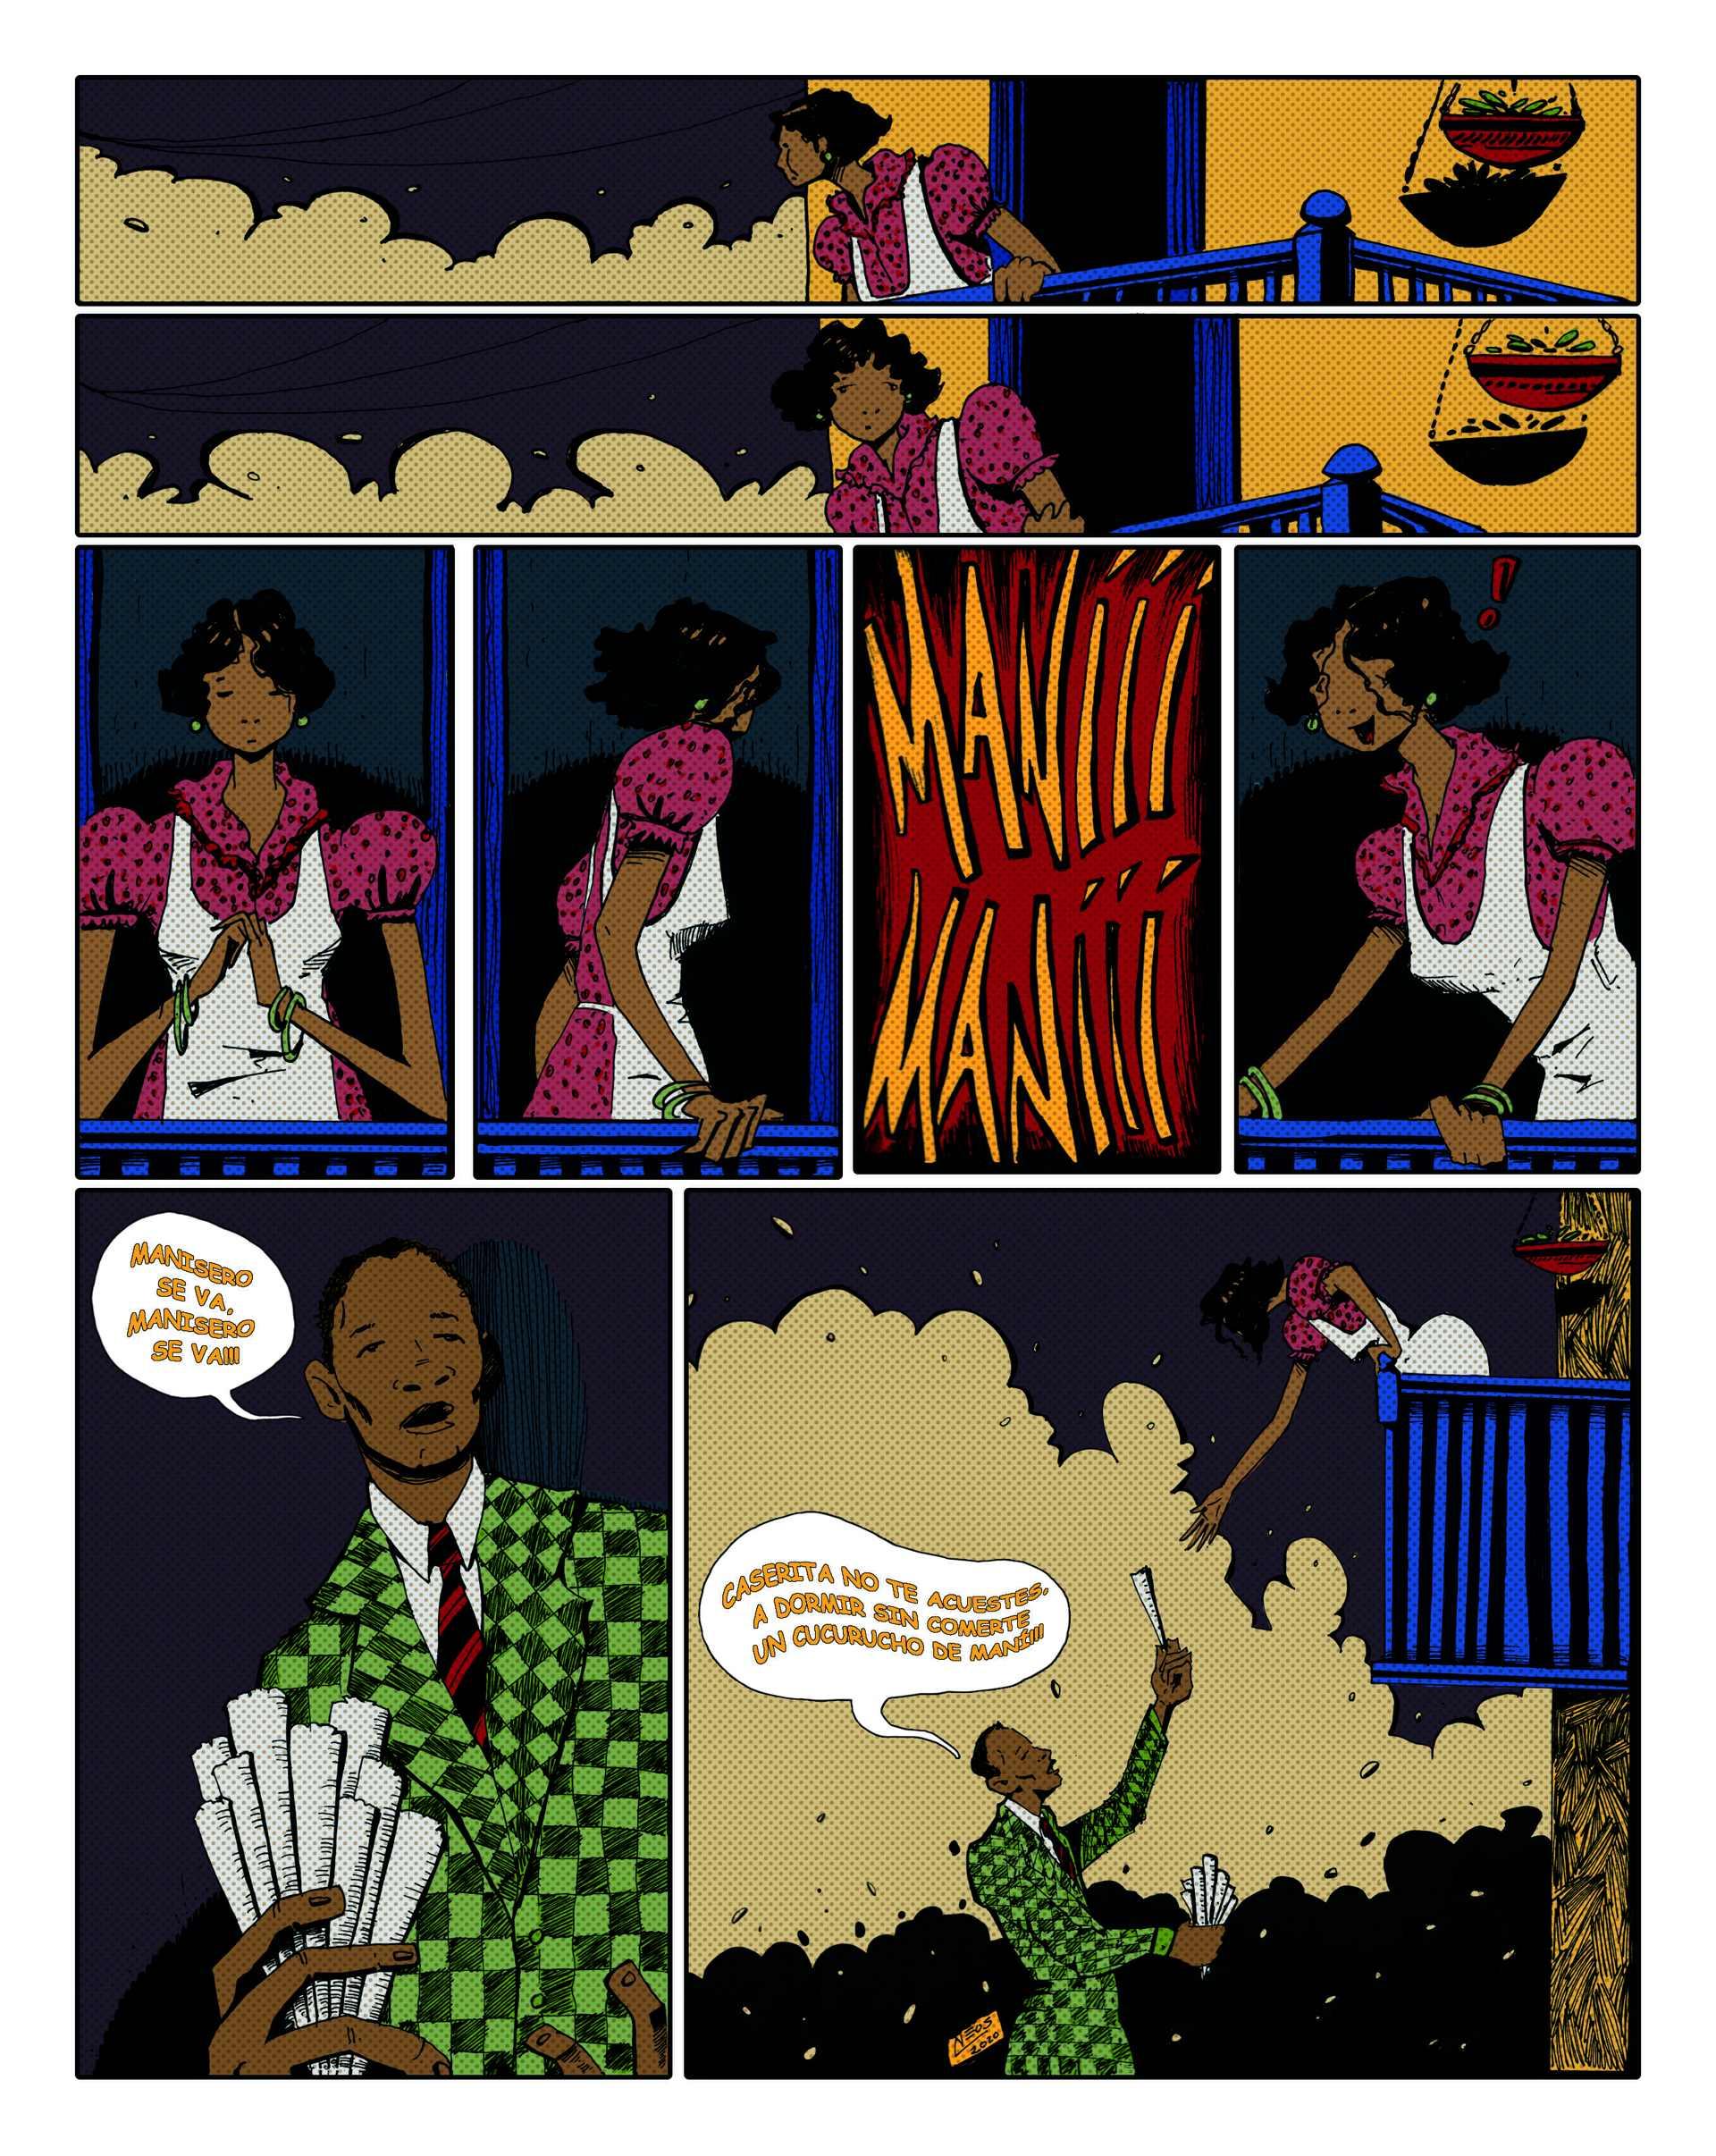 Primer lugar por el cómic Rita Montaner. Autor: Adrián del Pino